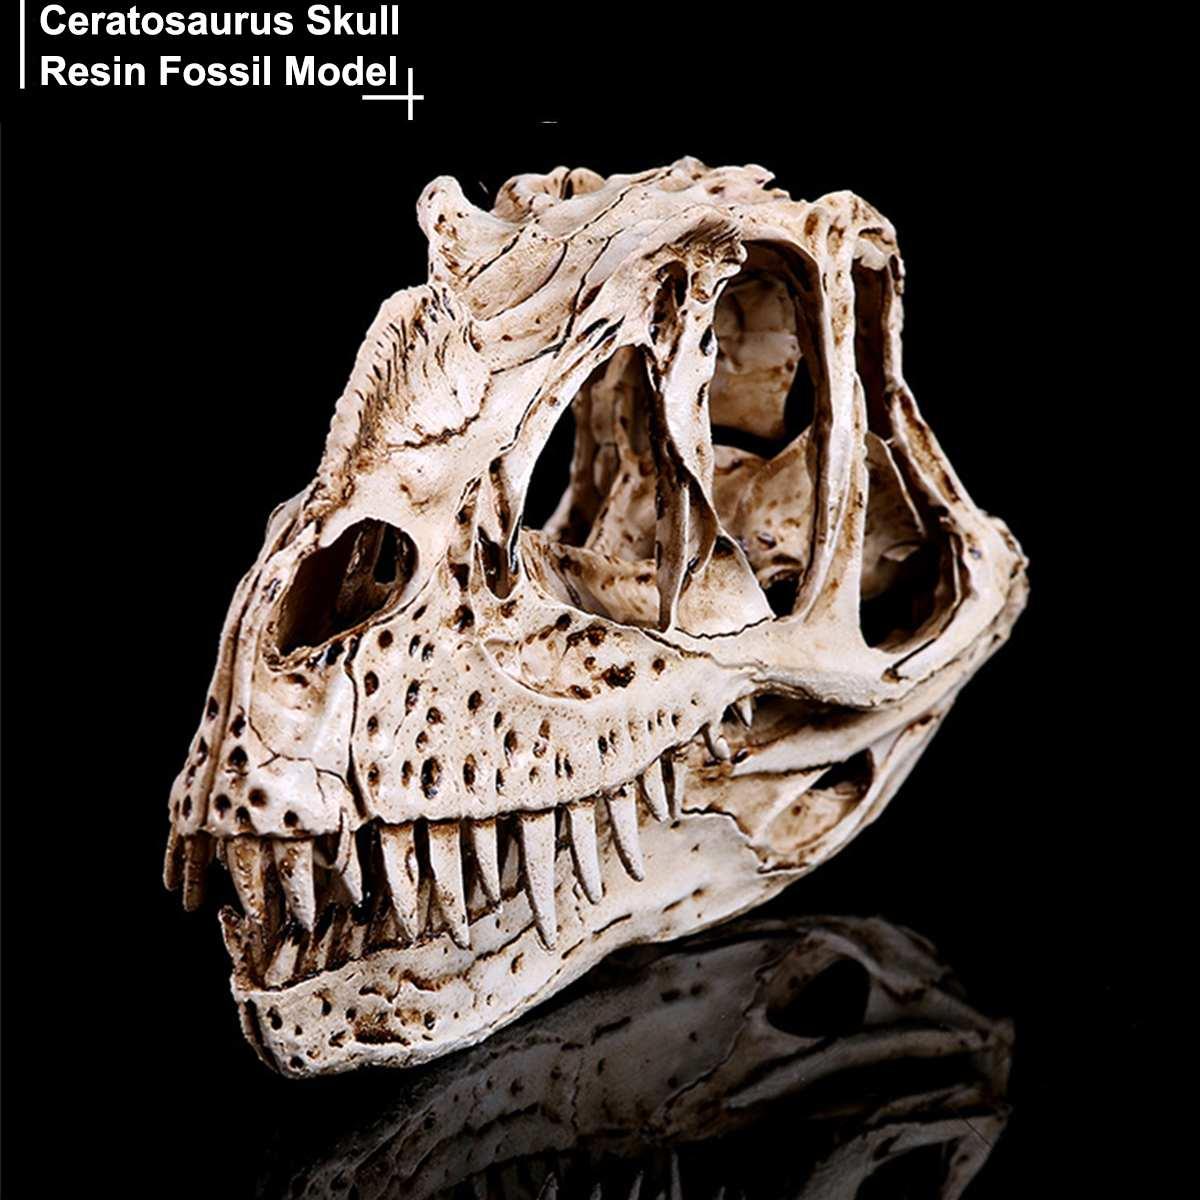 DIY Ceratosaurus изделия из смолы динозавр зуб череп обучающий скелет модель Хэллоуин домашнее офисное украшение для вечеринки 3x7x17.5cm